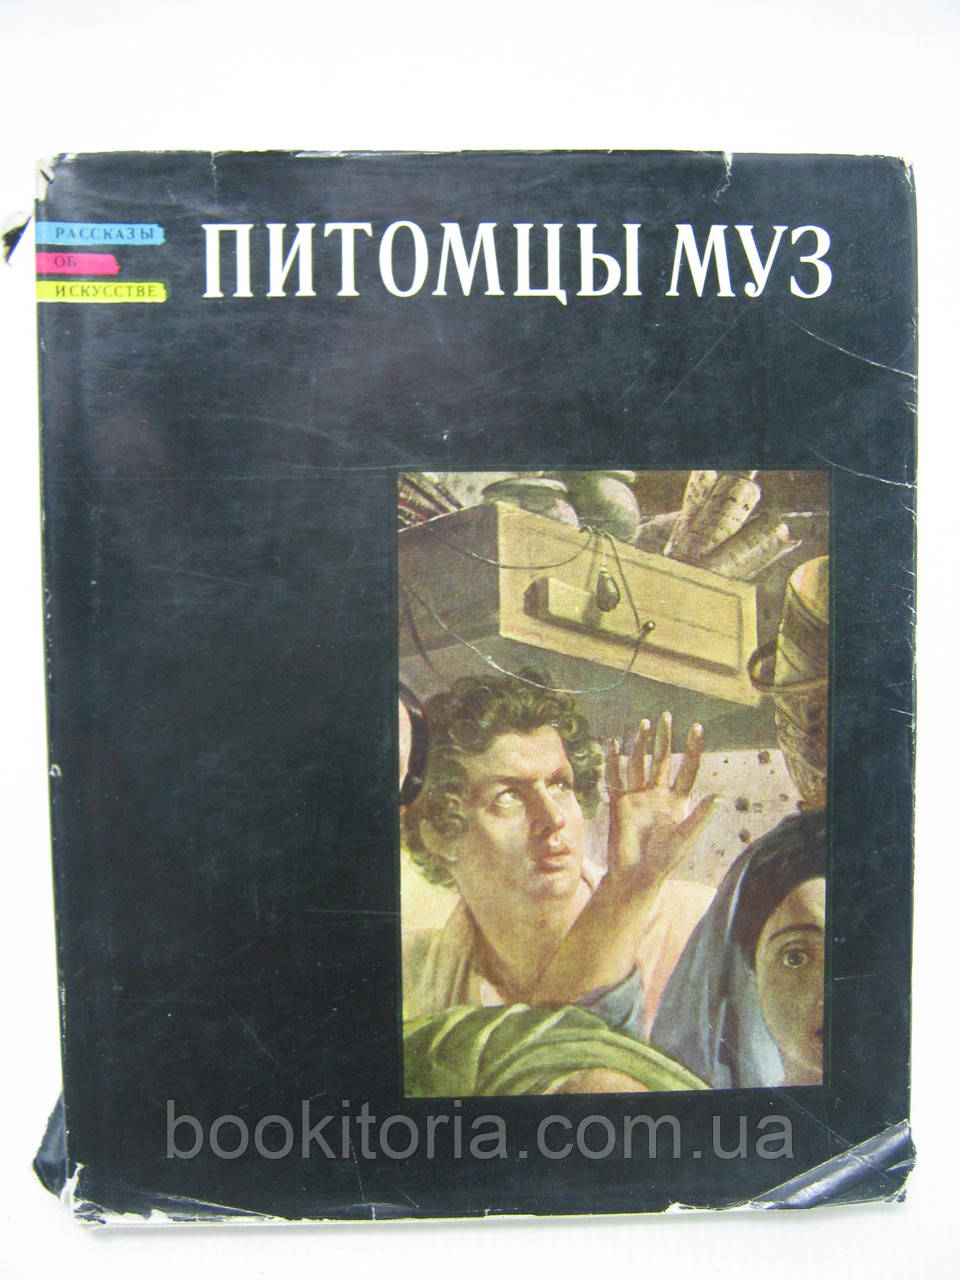 Леонтьева Г.К. Питомцы муз (б/у).